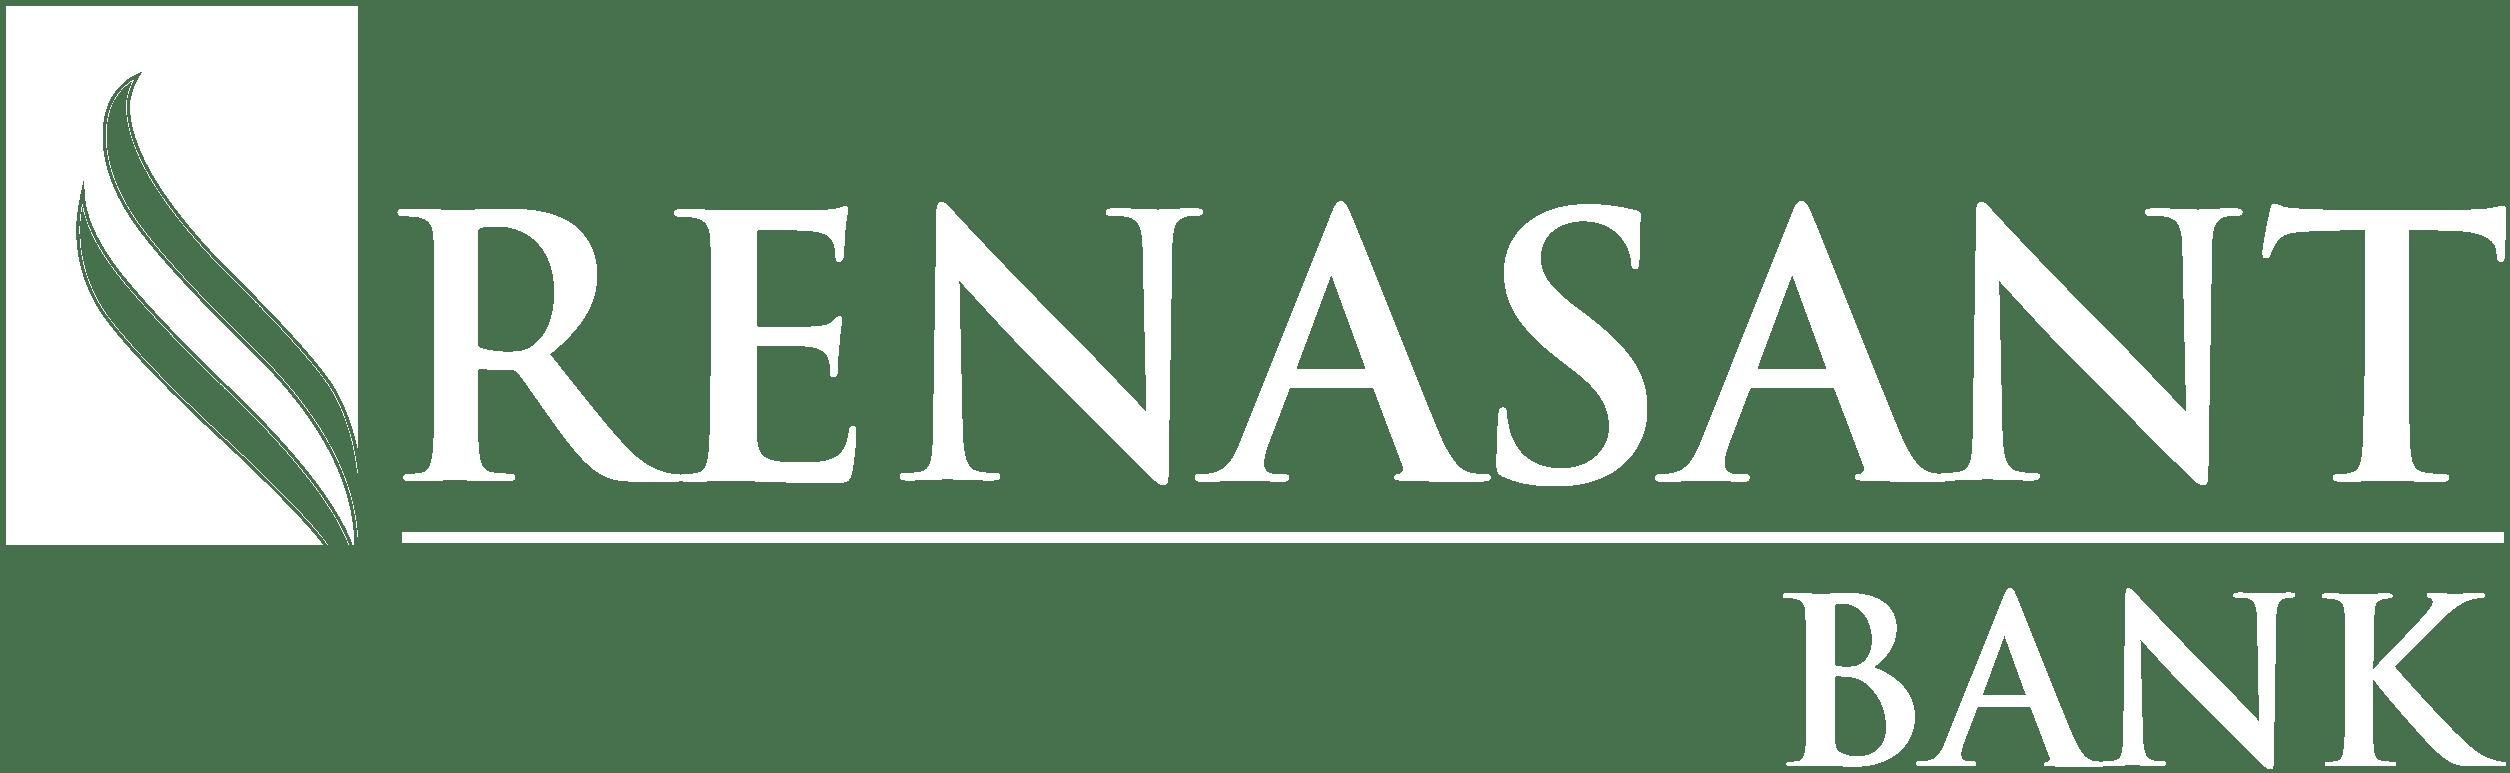 Renasant bank logo, white